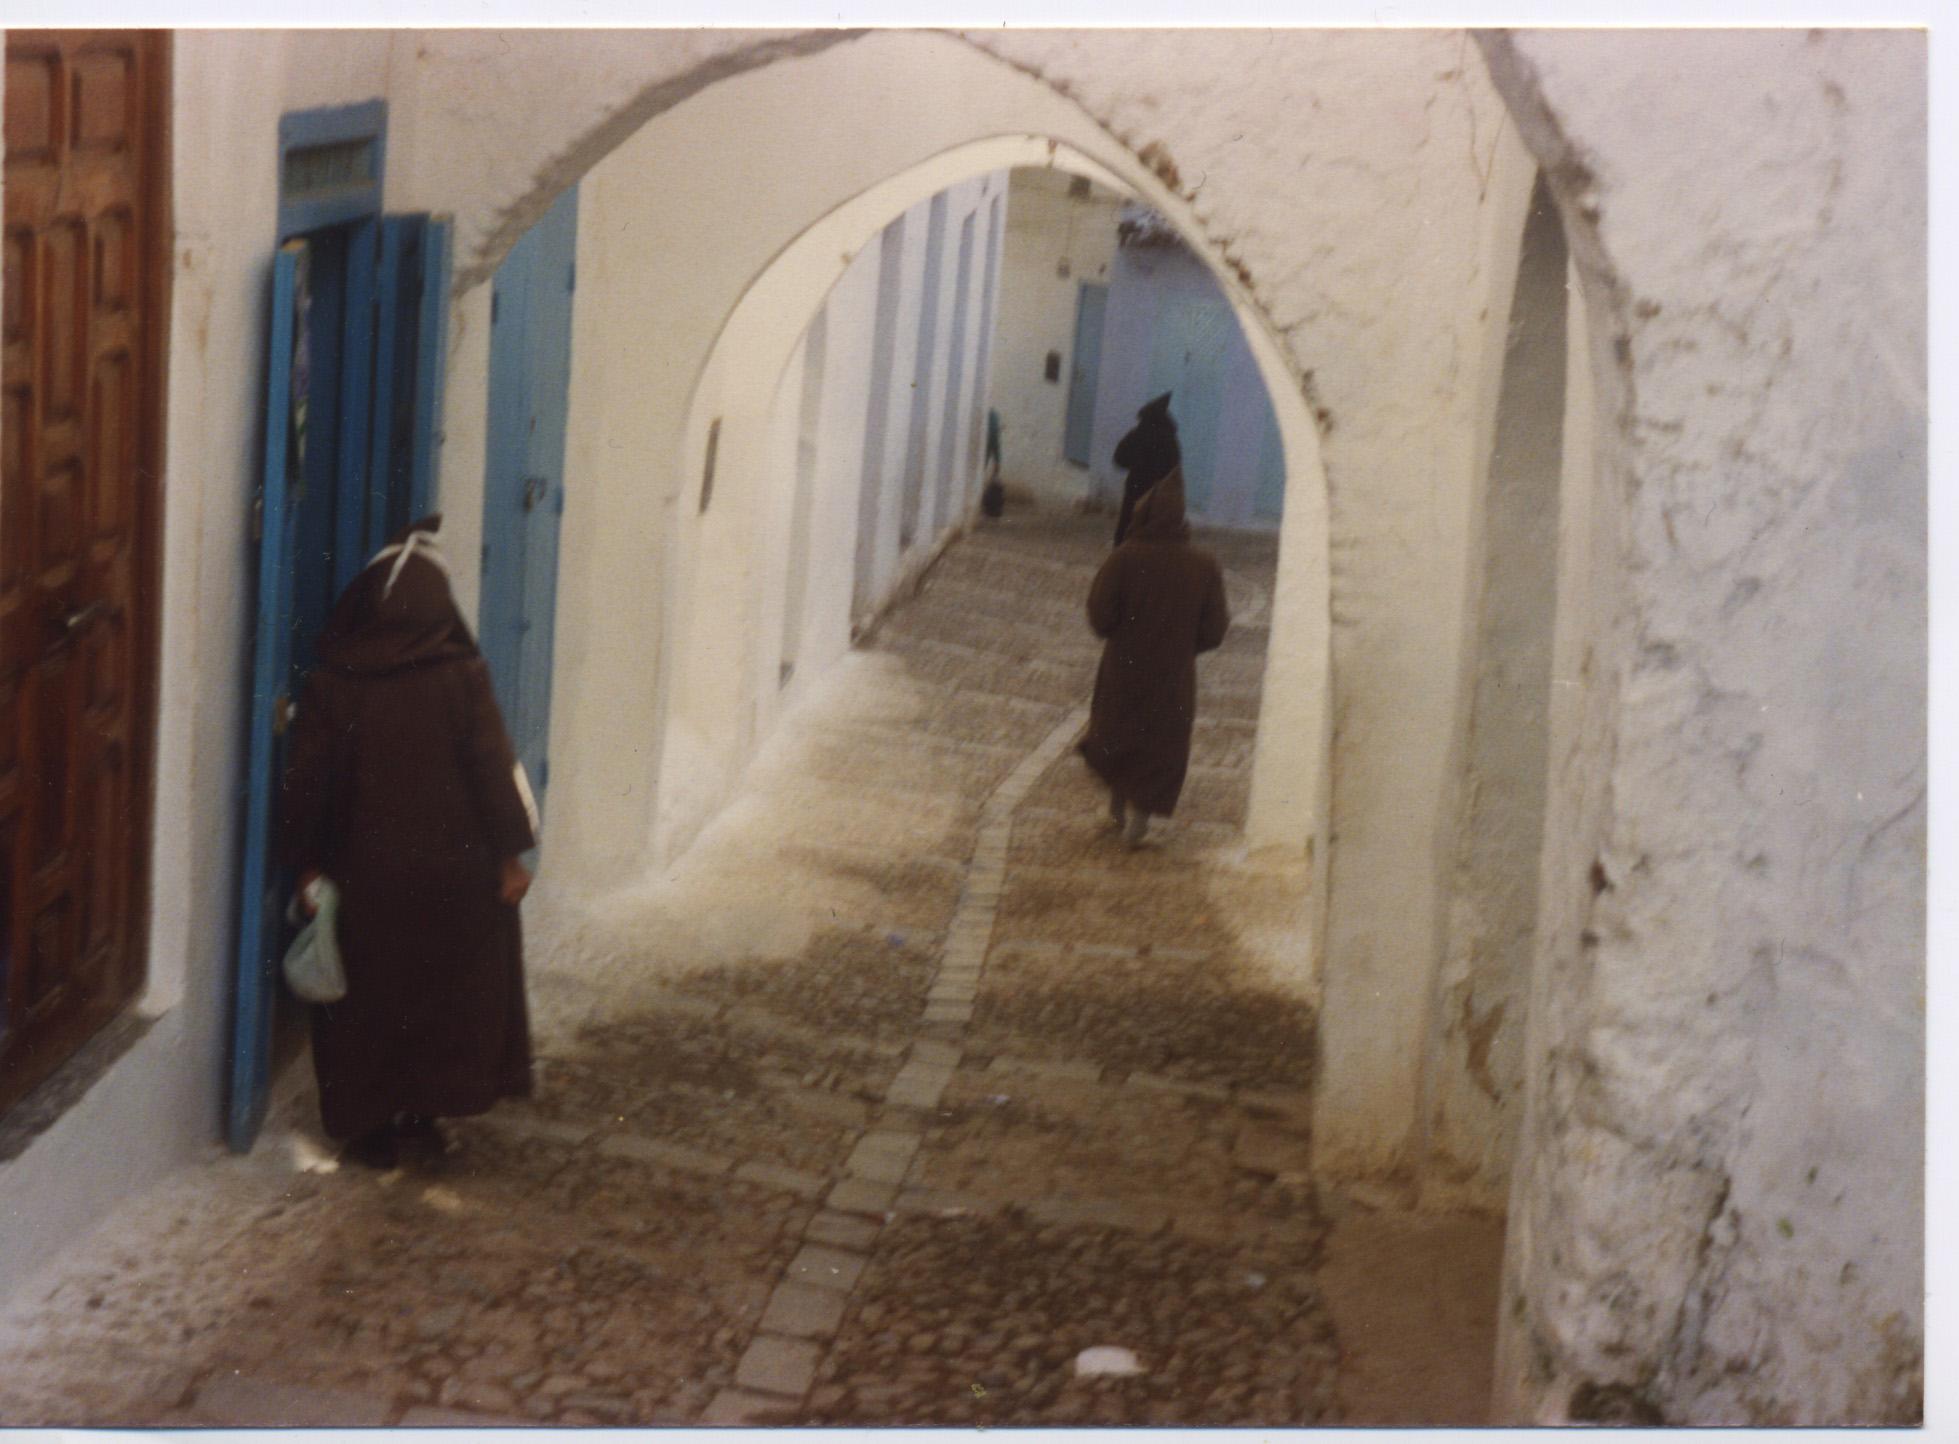 A village scene in Morocco